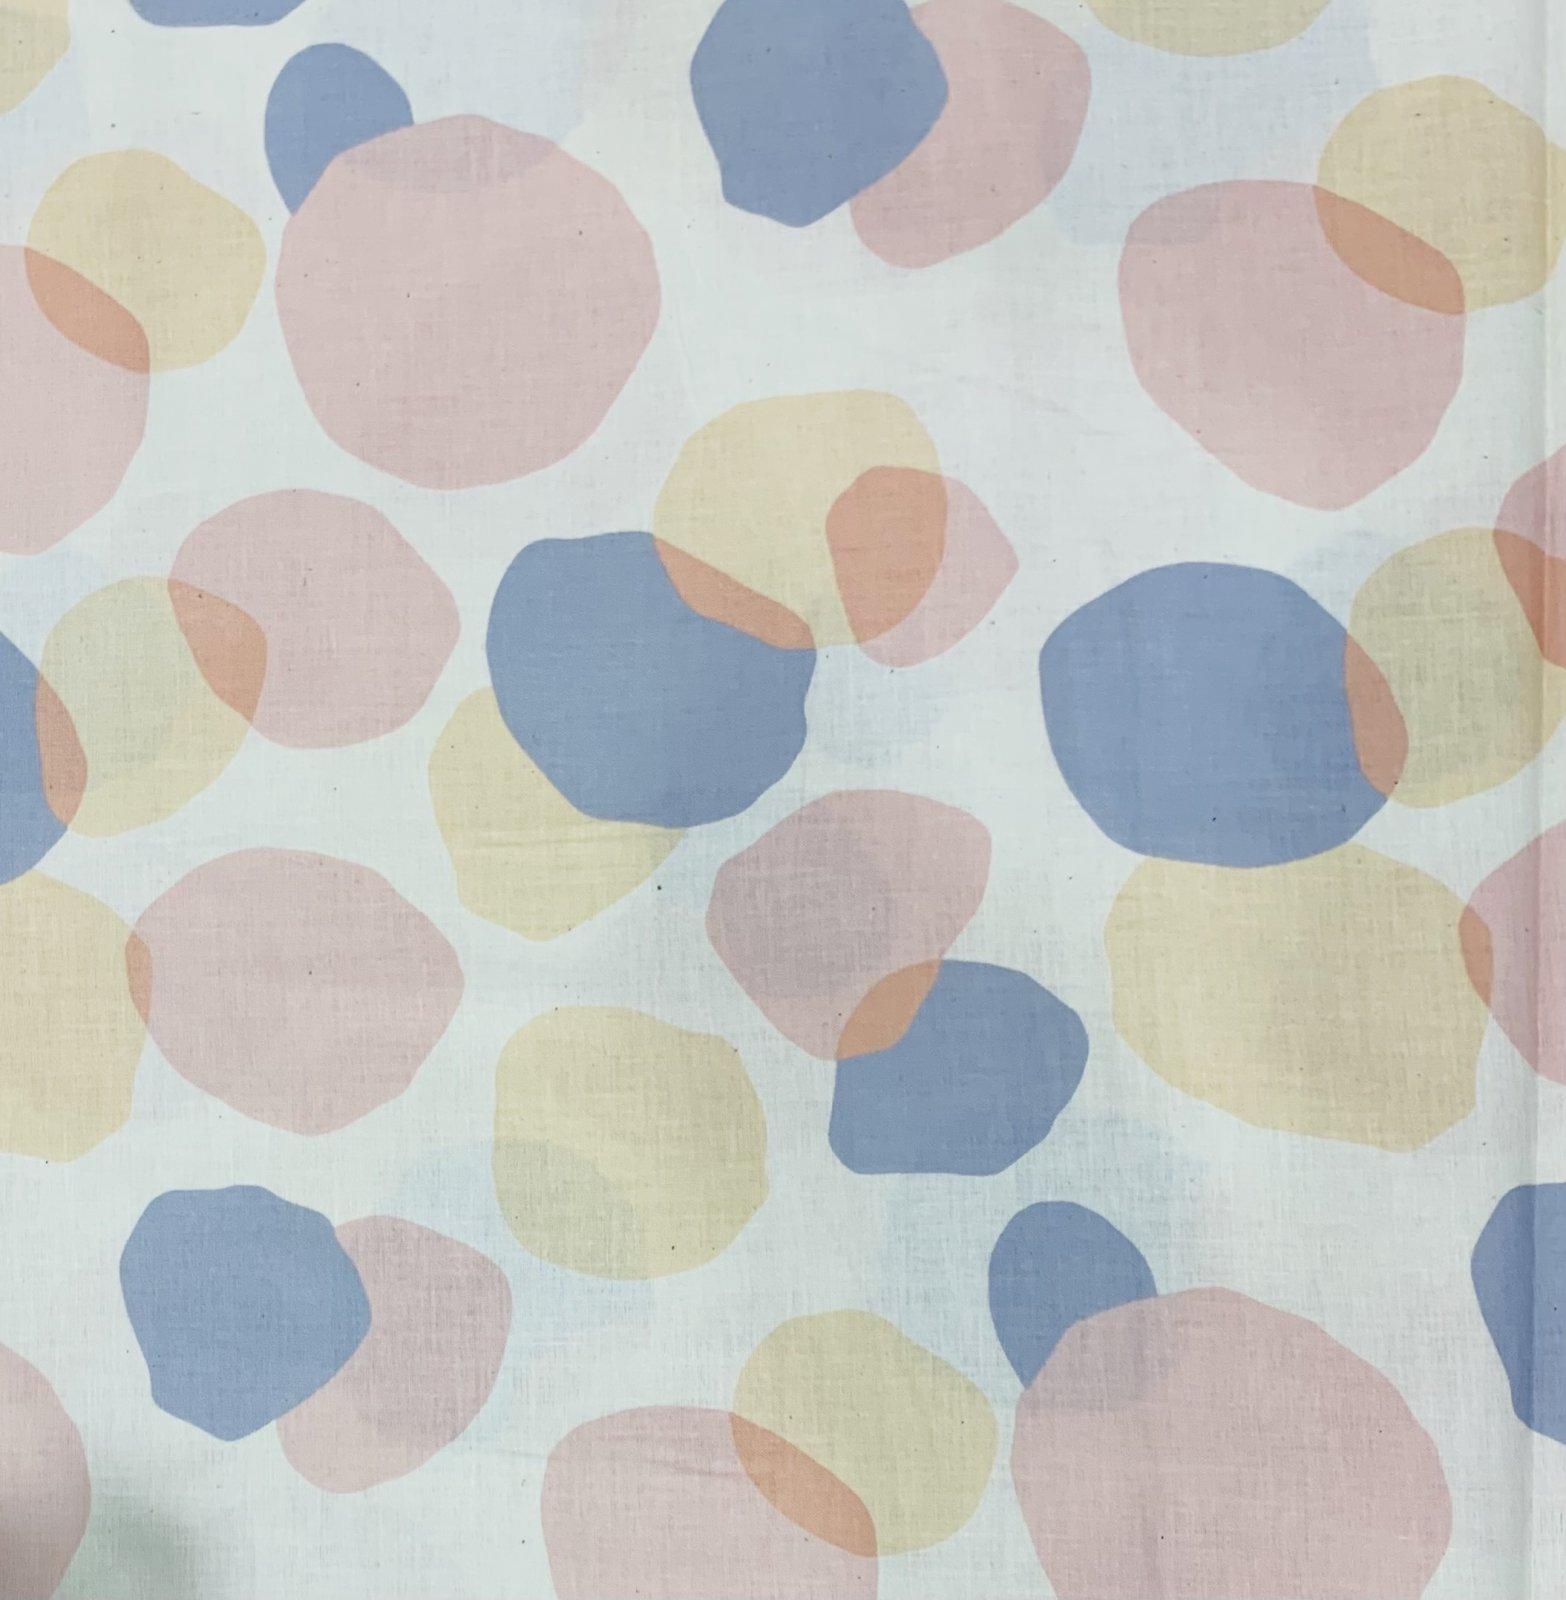 Kokka Fabric - Irregular Large Spot - Pink